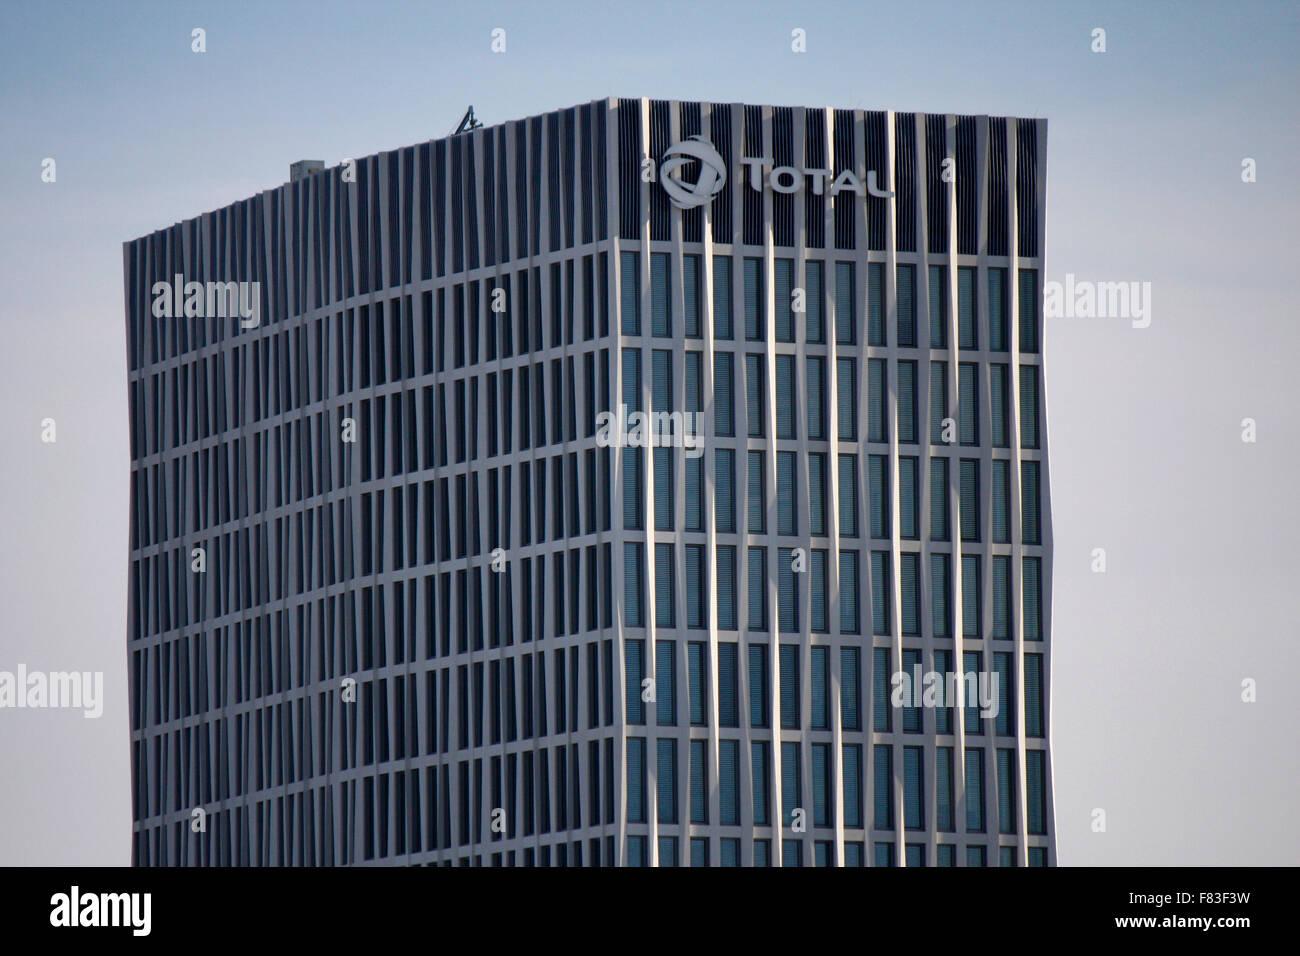 die neue Zentrale des Total Konzerns, Berlin-Mitte. - Stock Image